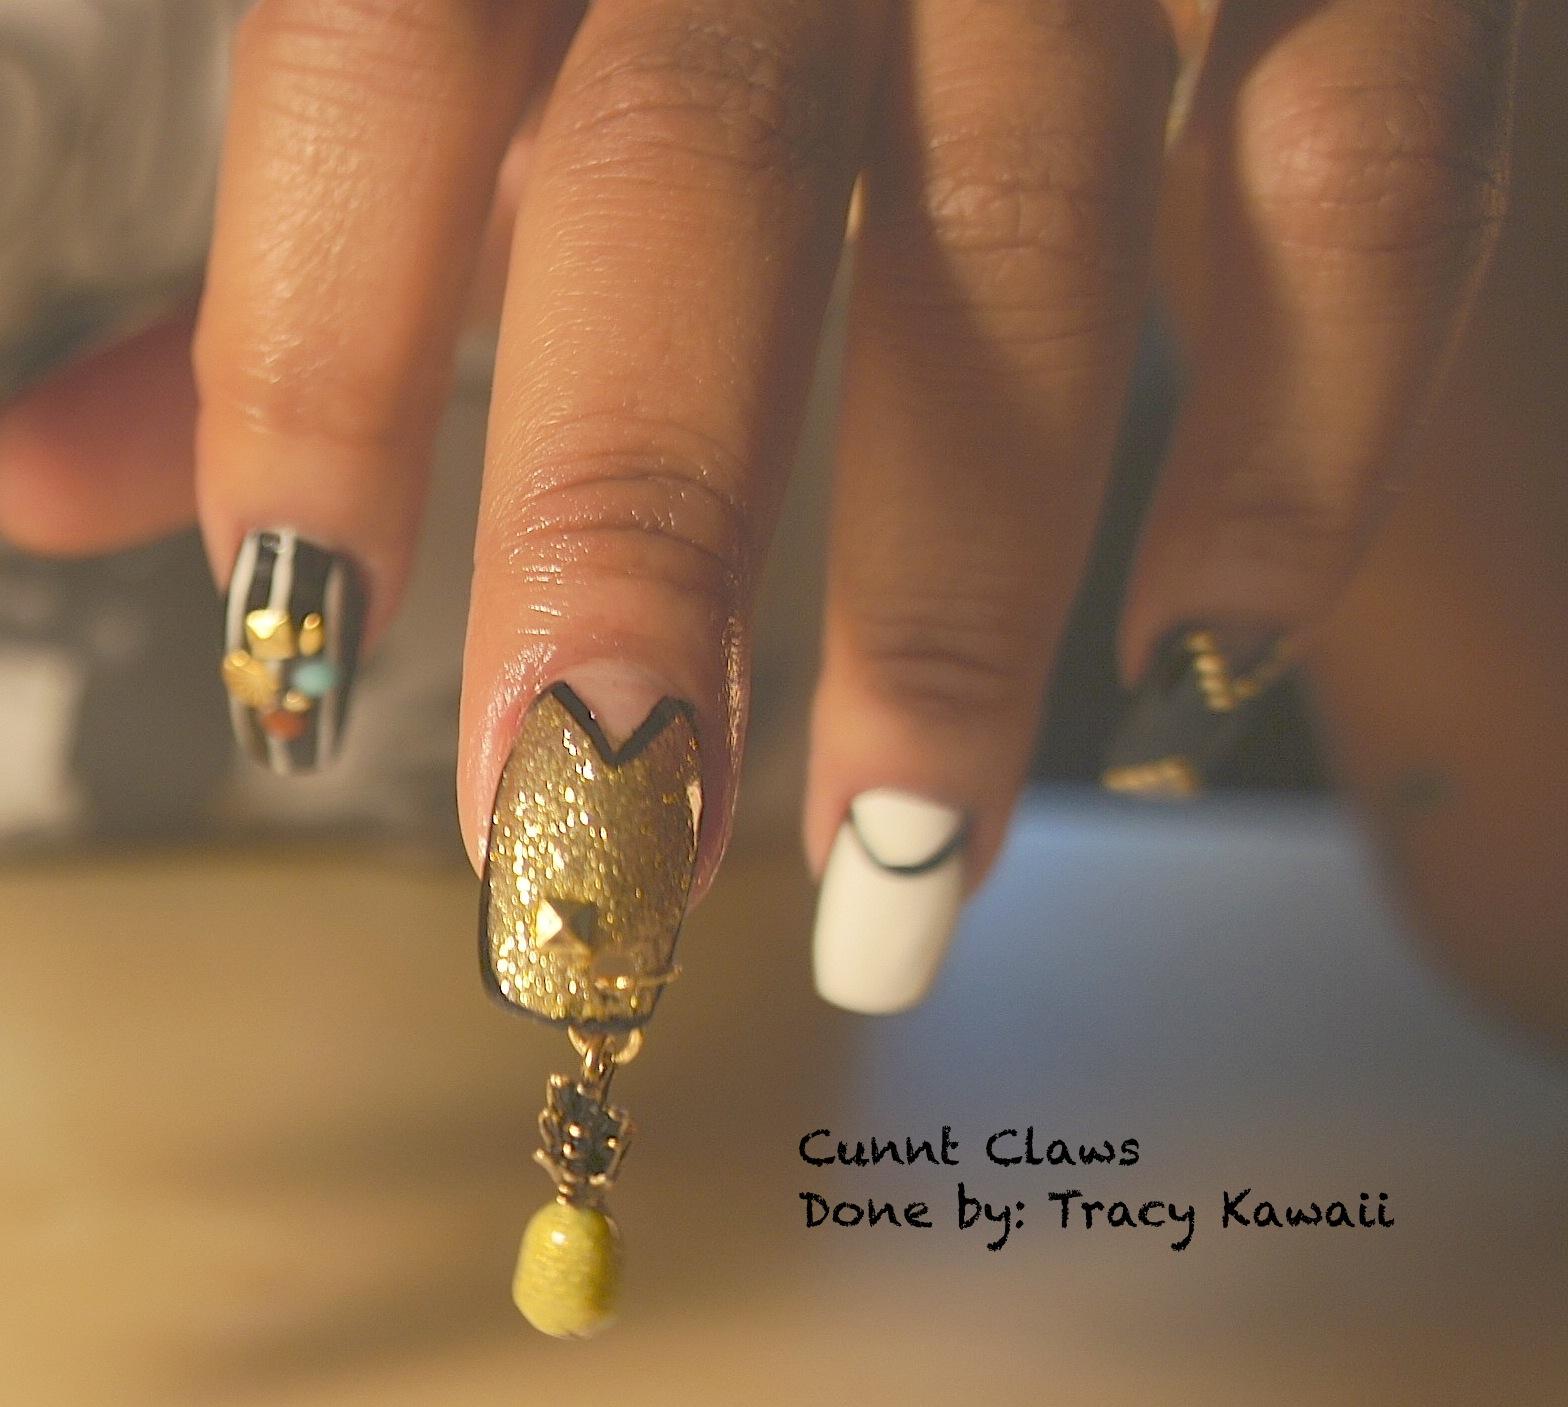 Nail Pierce   Cunnt Claws © 2023